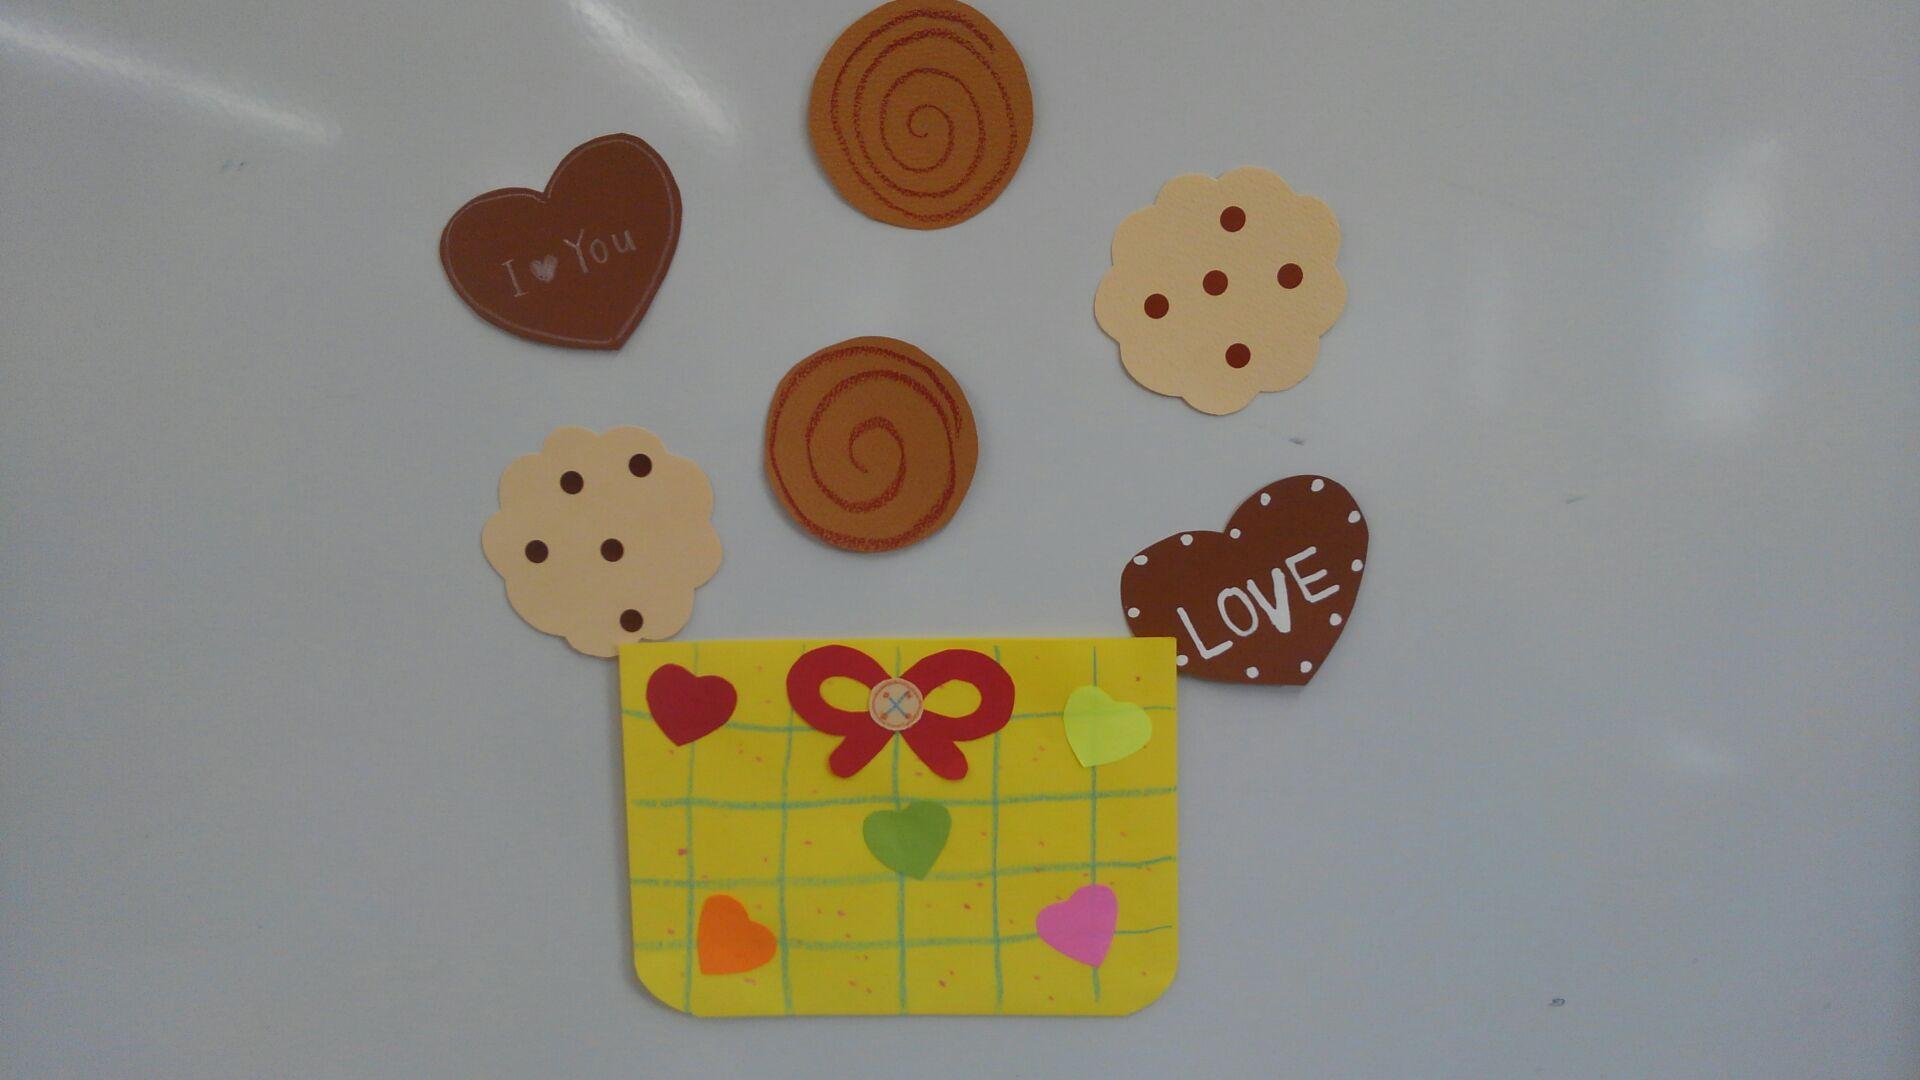 クッキーのシール。ハート型のクッキーには「LOVE」や「I ♡ You」の文字が書かれています。